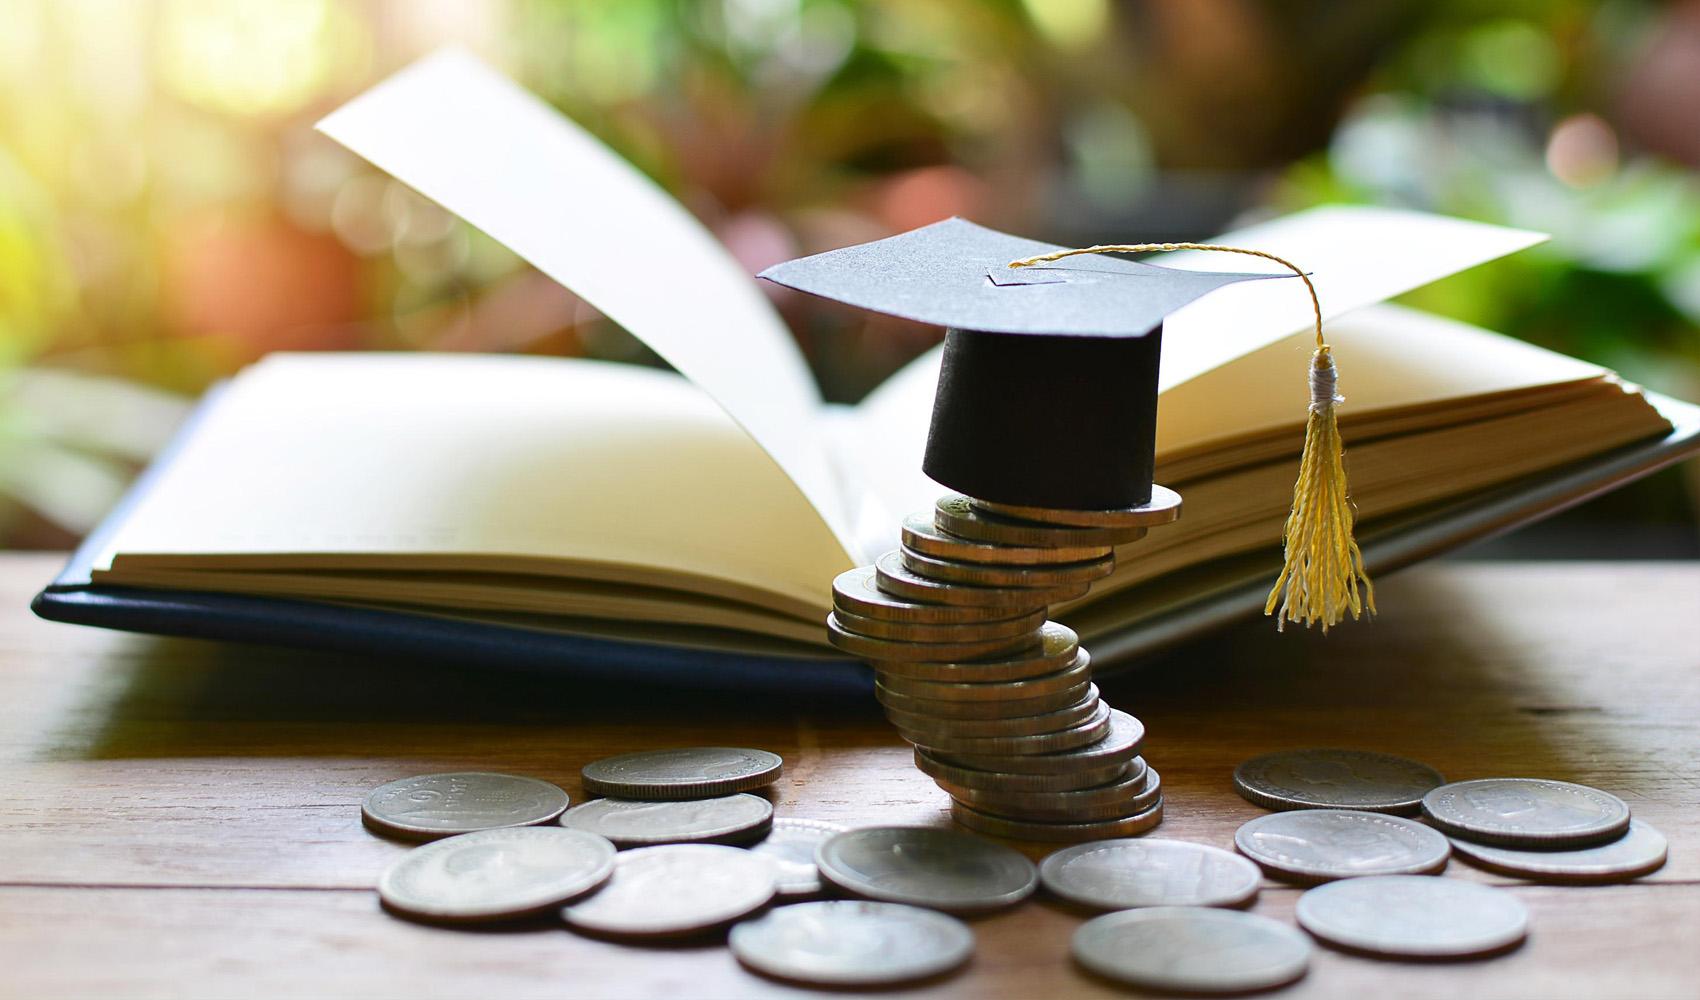 Рівнянам на замітку: як потрібно заповнювати документи, щоб отримати податкову знижку на навчання дитини